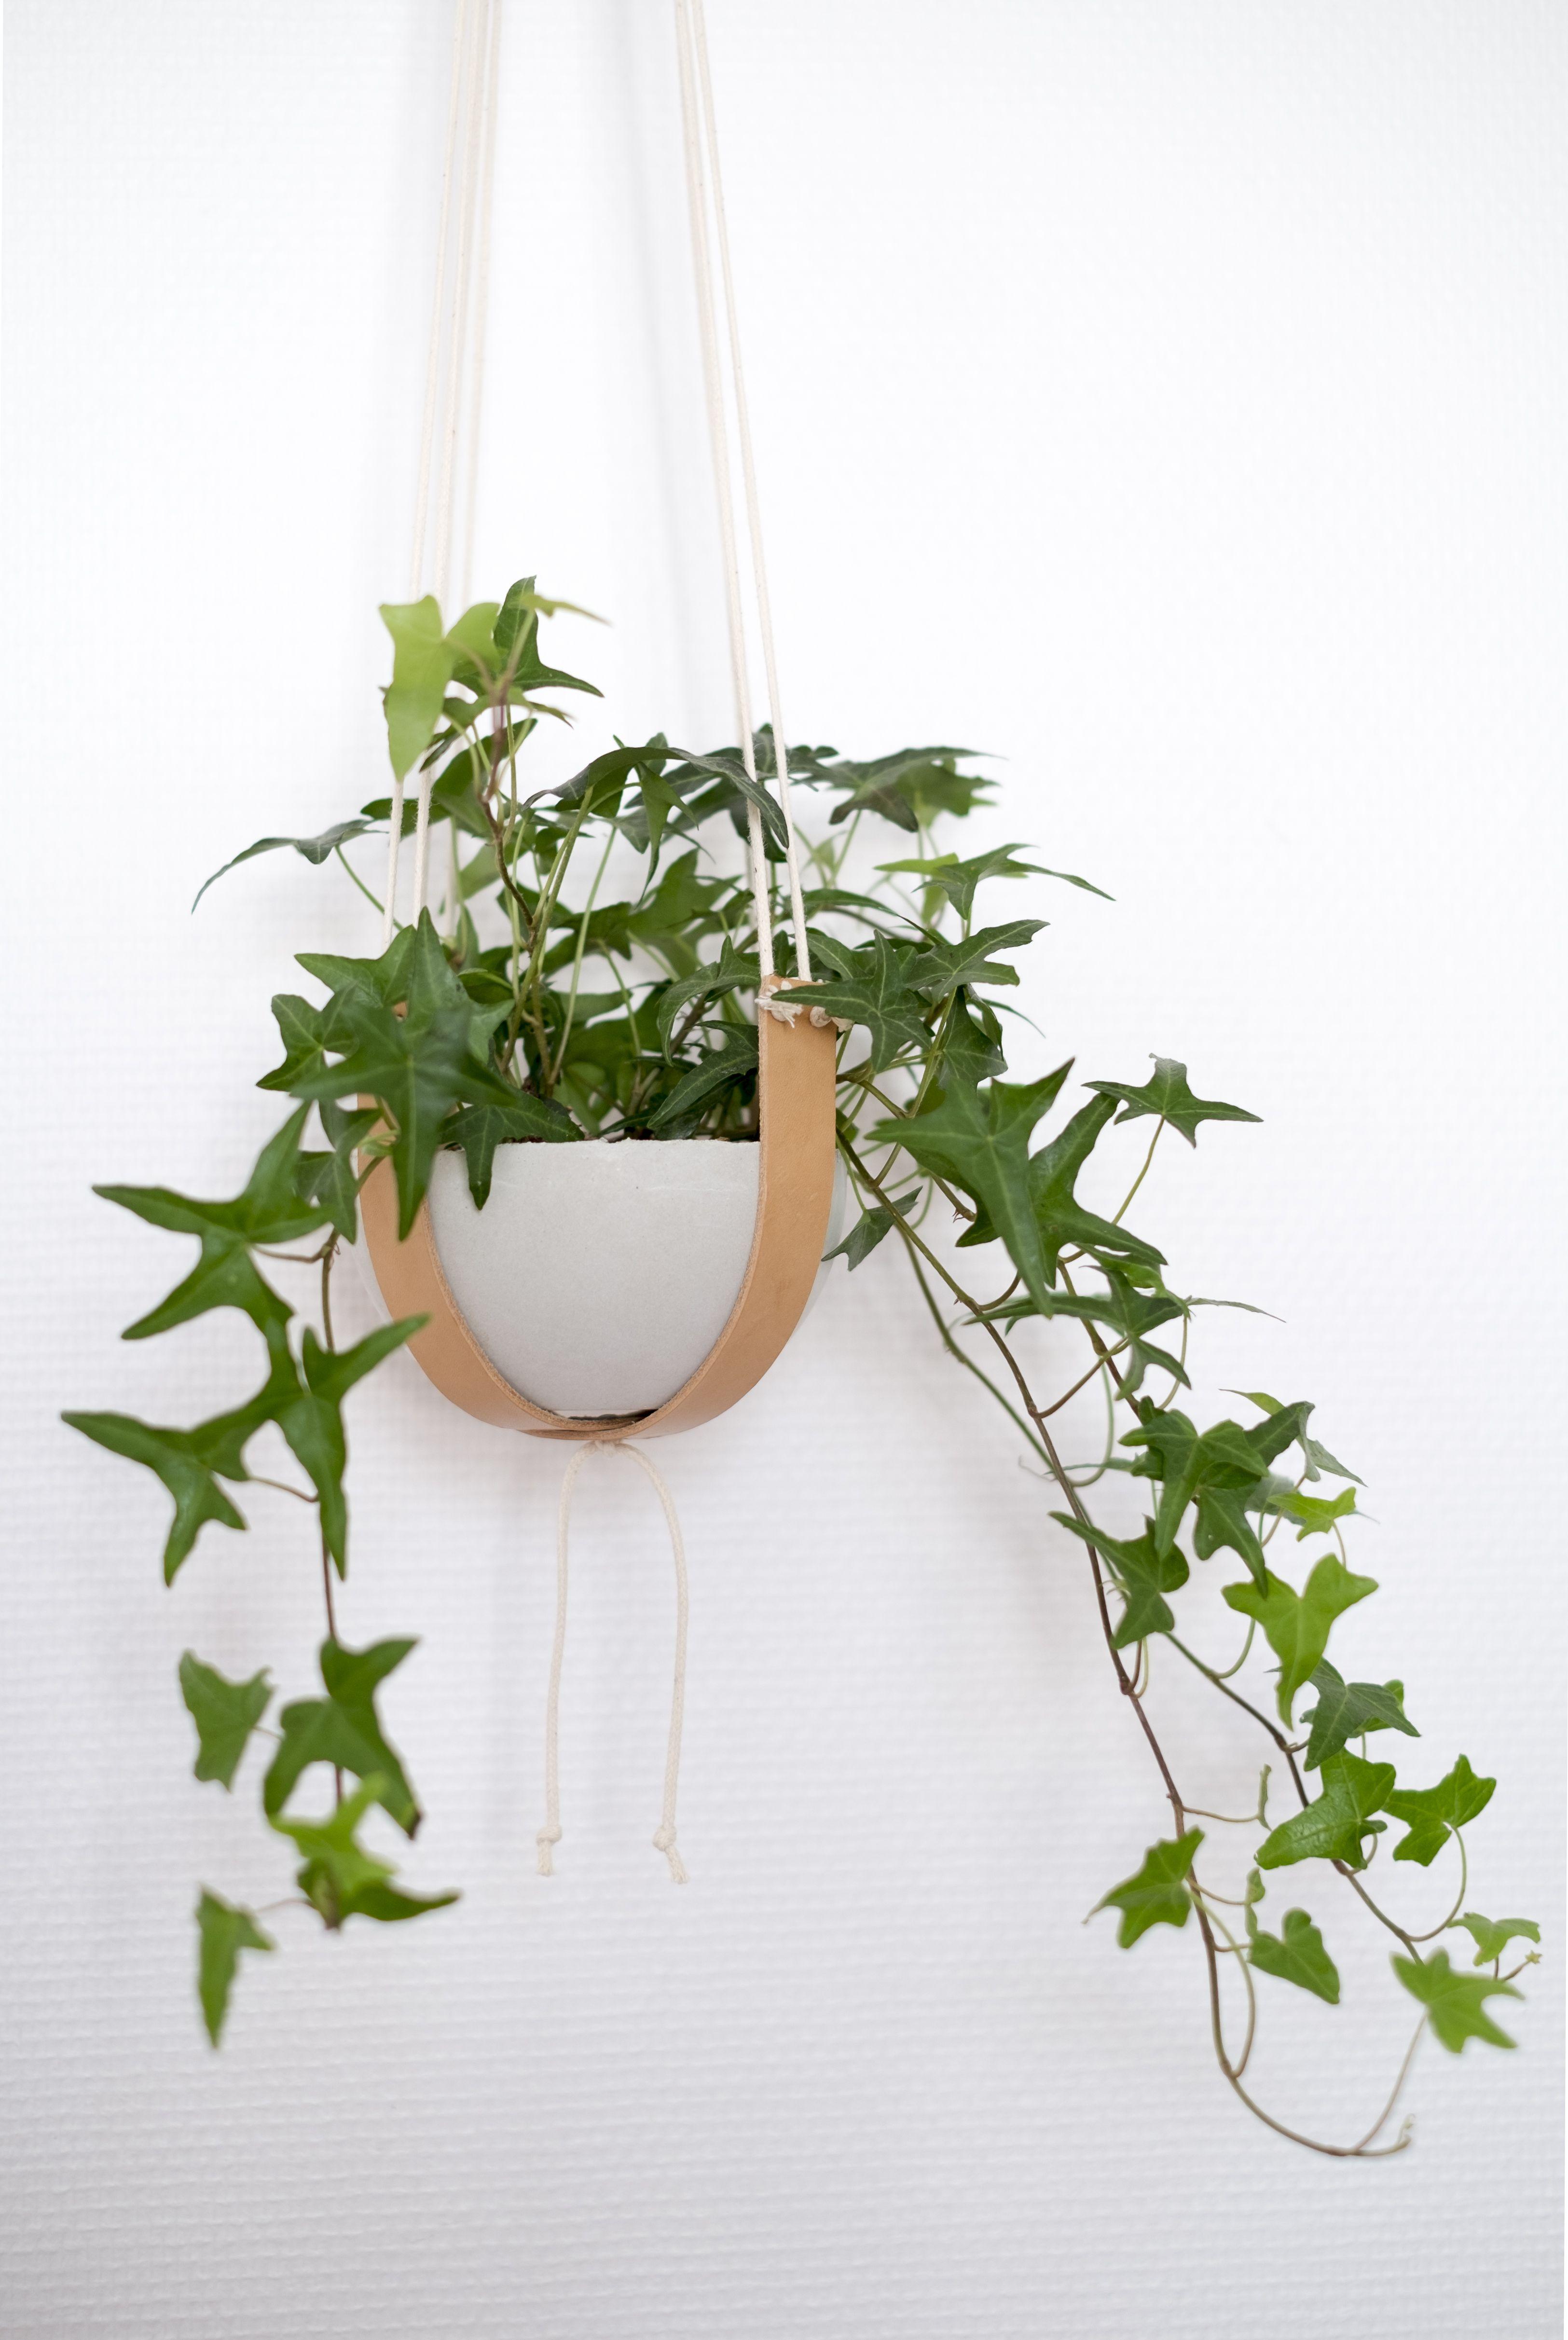 100 Incroyable Suggestions Suspension En Corde Pour Plante